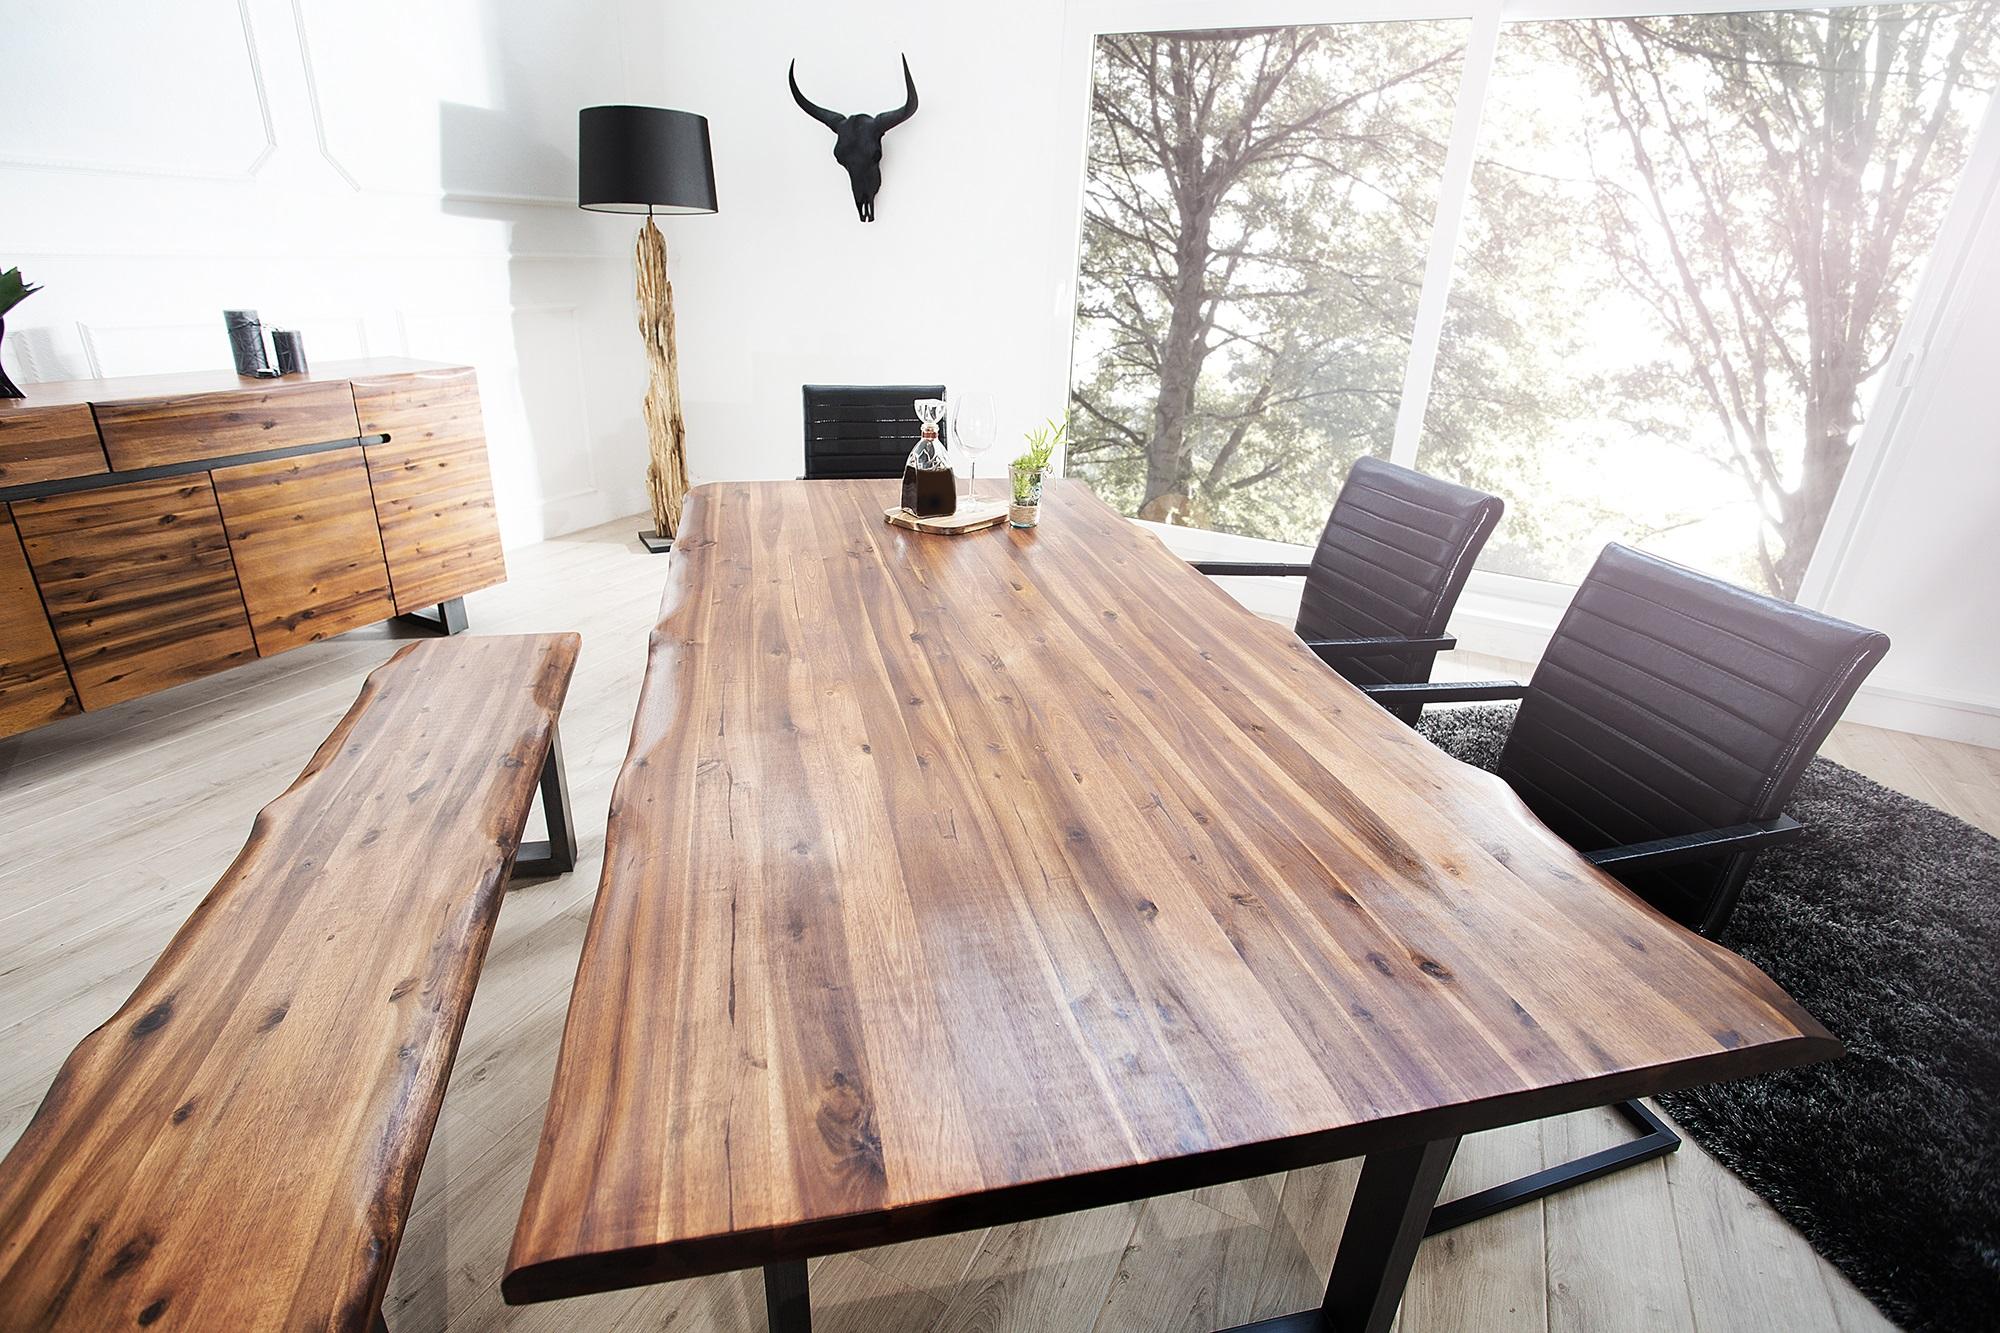 Tafel Van Boomstam : Kolomtafel meubeldeals.nl